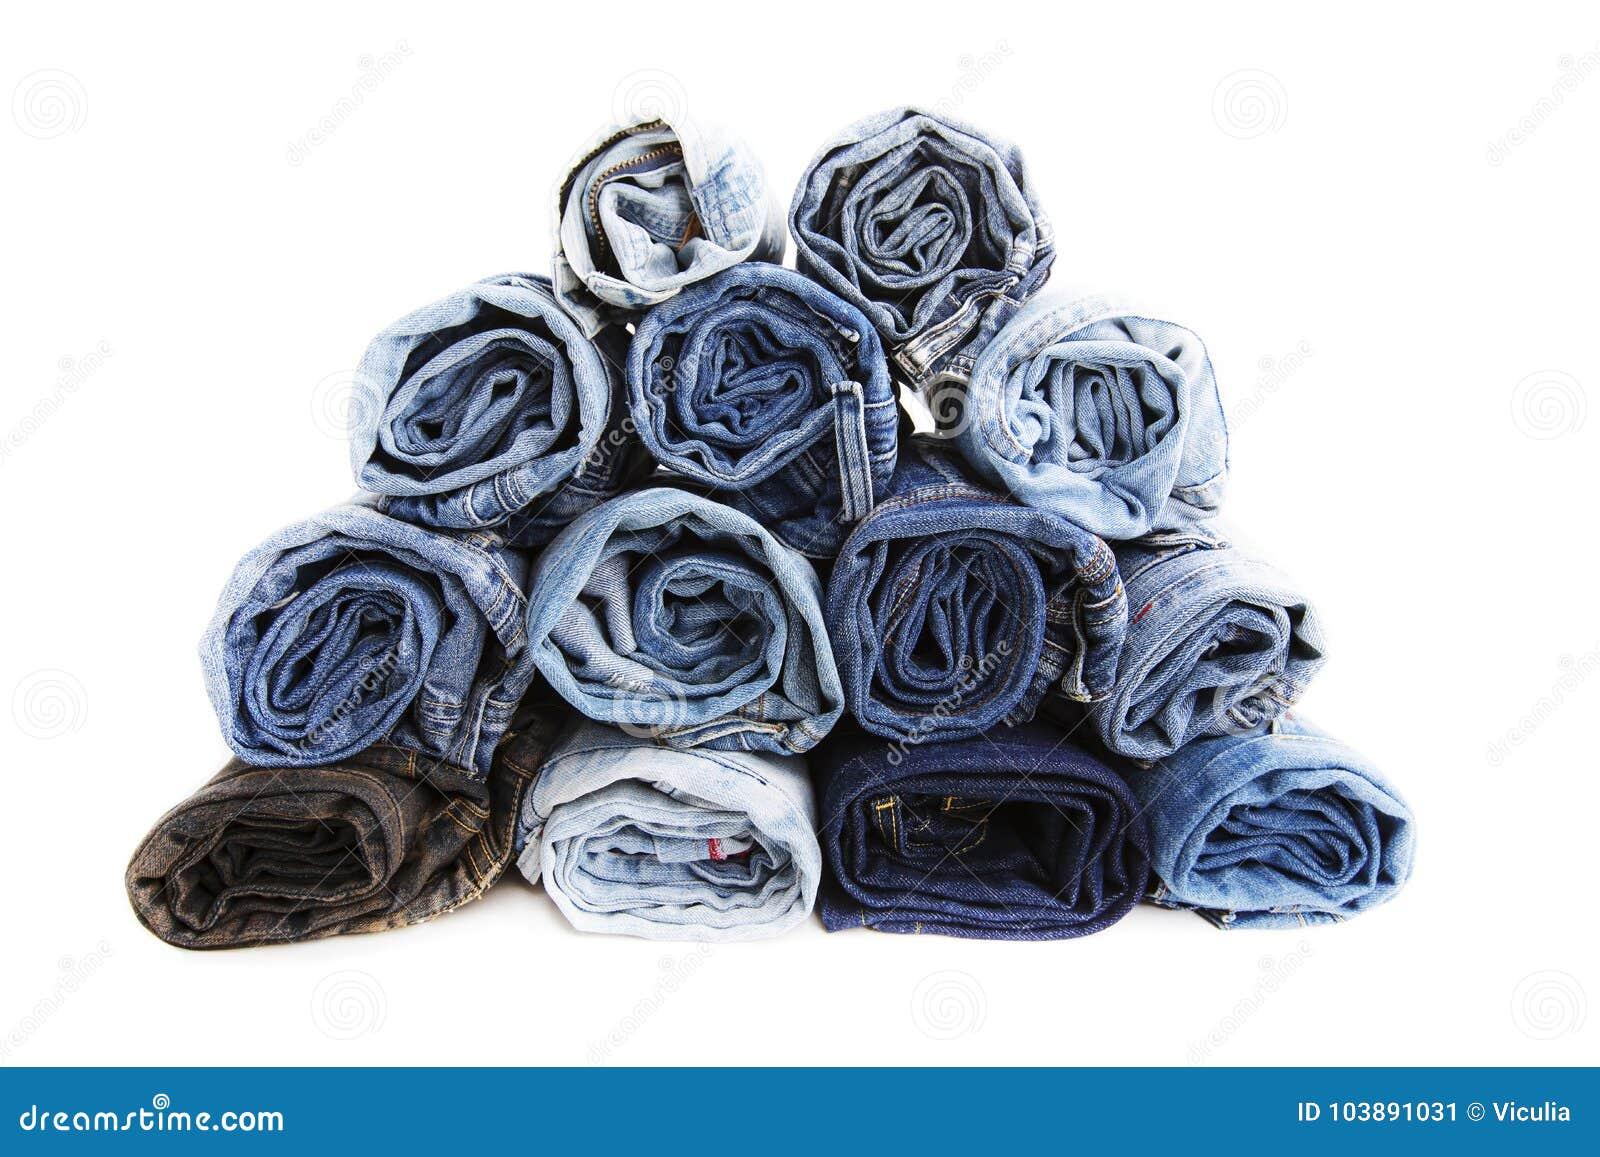 Abschluss rollte oben von den Blue Jeans-Hosen, die dunkelblaue Denimhose, die Beschaffenheit zeigt